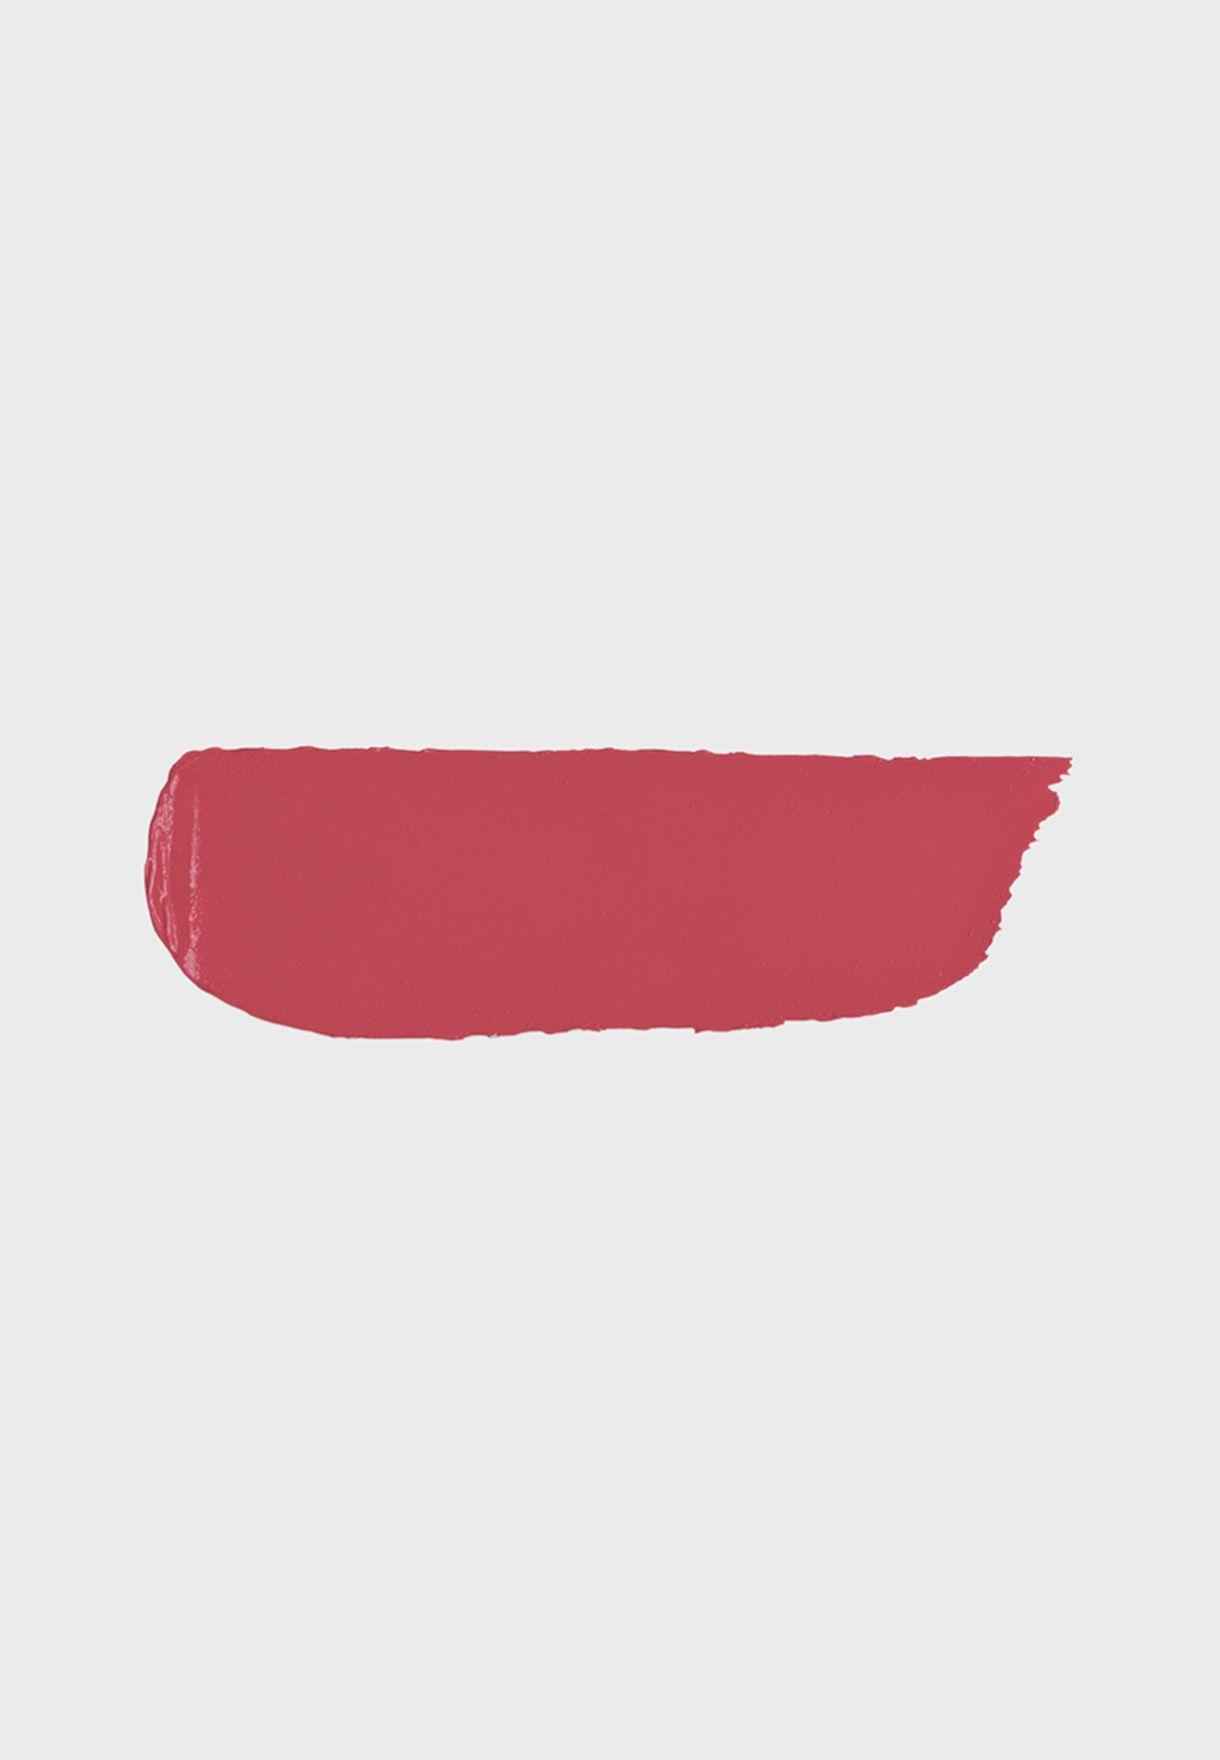 احمر شفاه فيلفت باشون مطفي 329